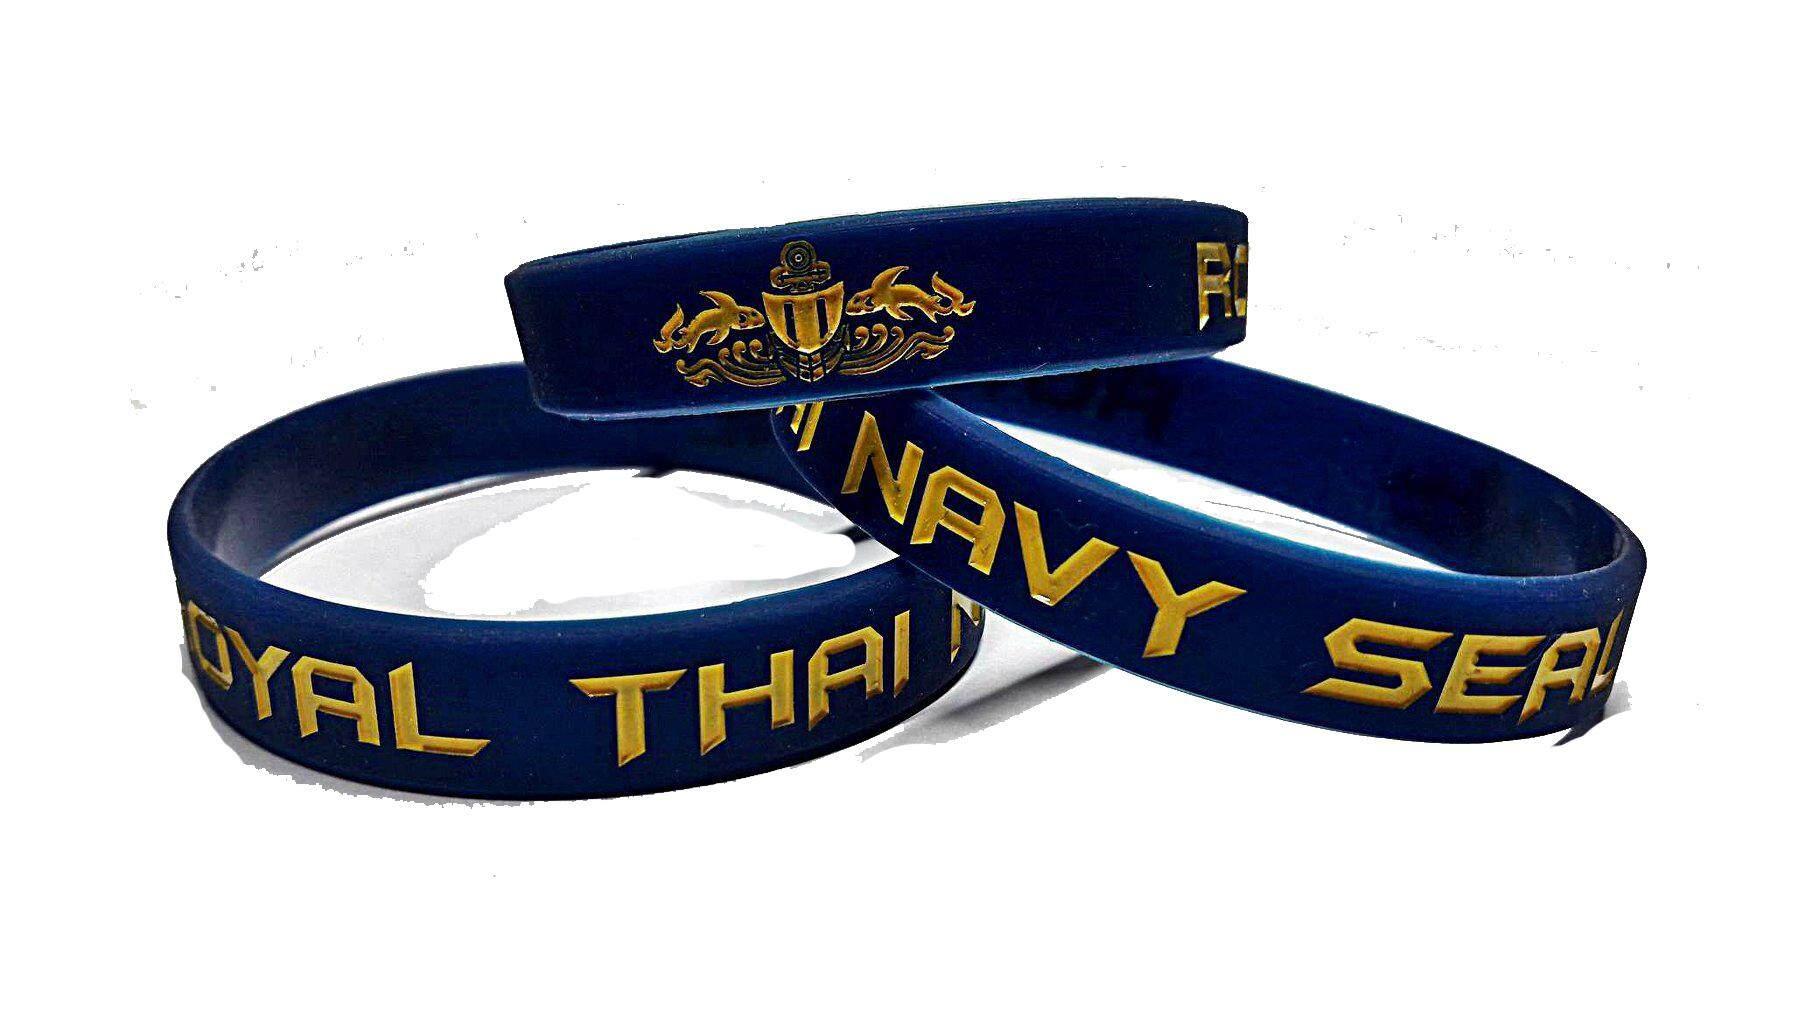 ริสแบนด์ หน่วยซีล Royal Thai Navy Seal (หน่วยซีล) 1 เส้น.